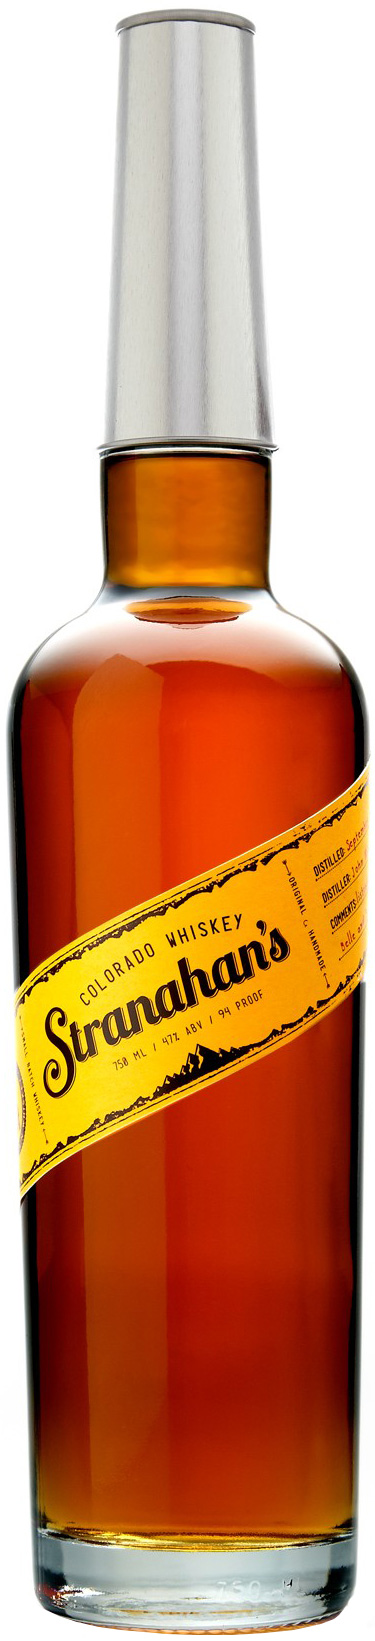 stranahans bottle